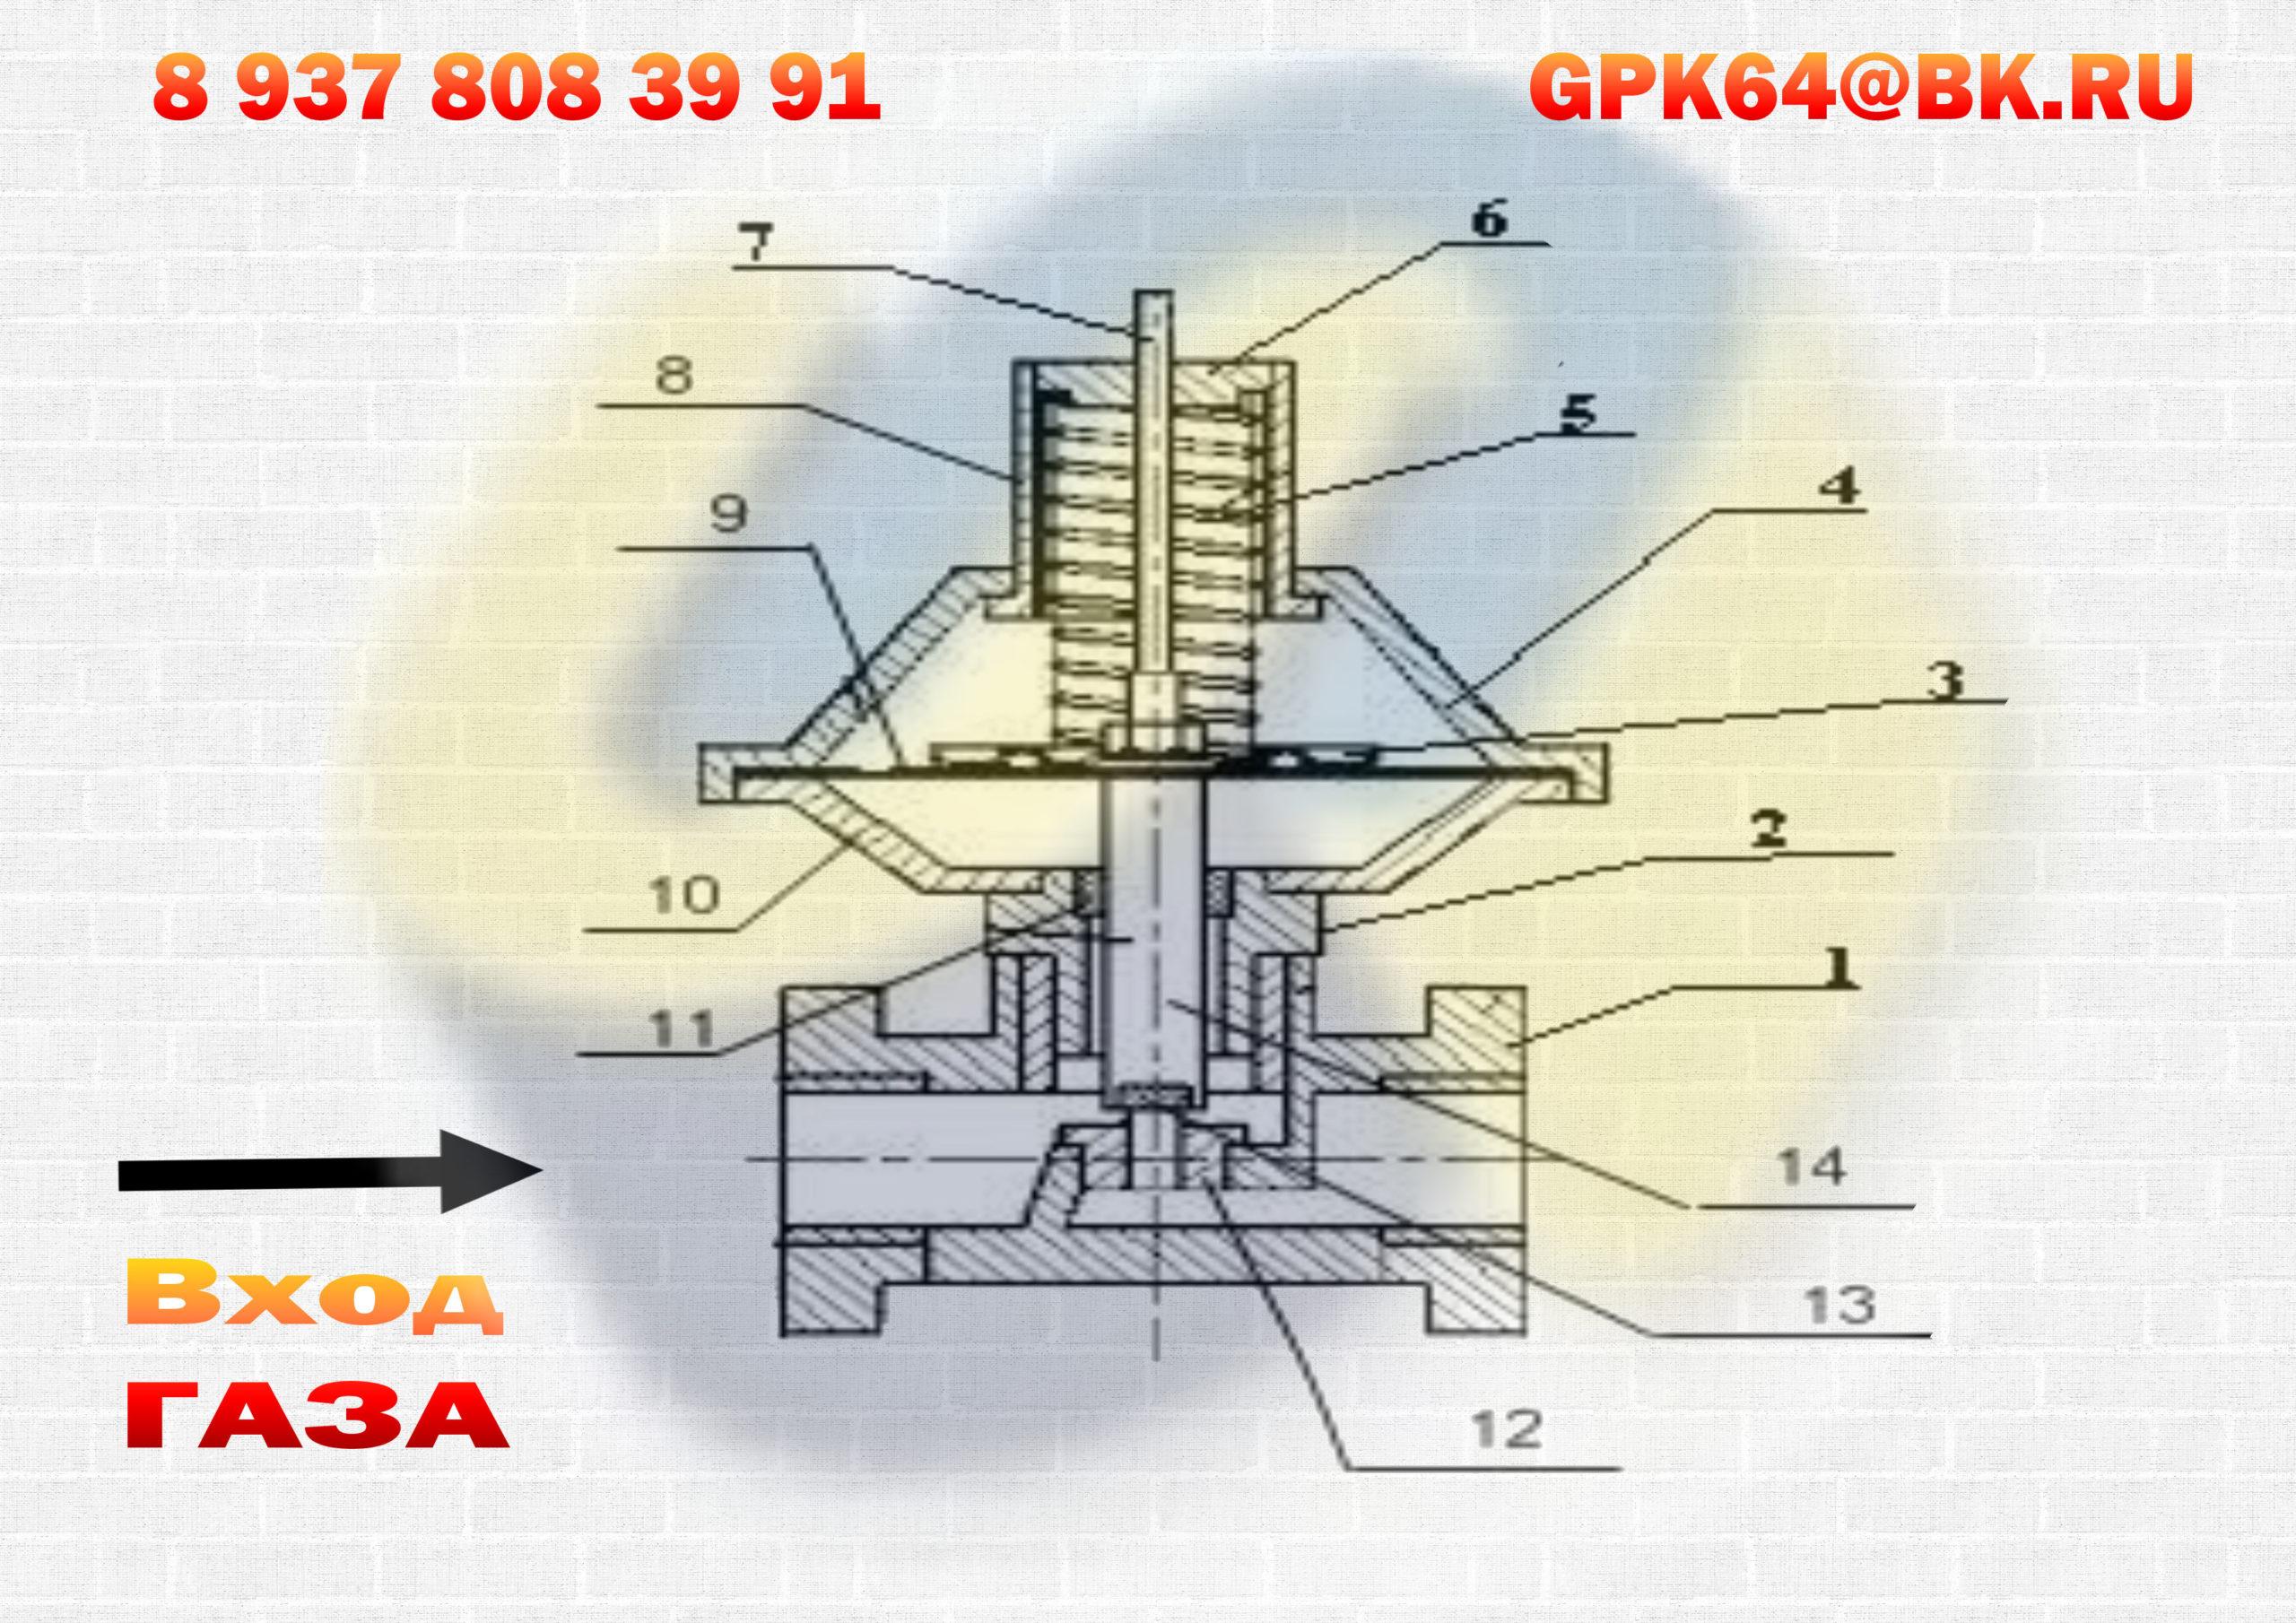 Клапан Предохранительный Сбросной КПС-20 xthnt;